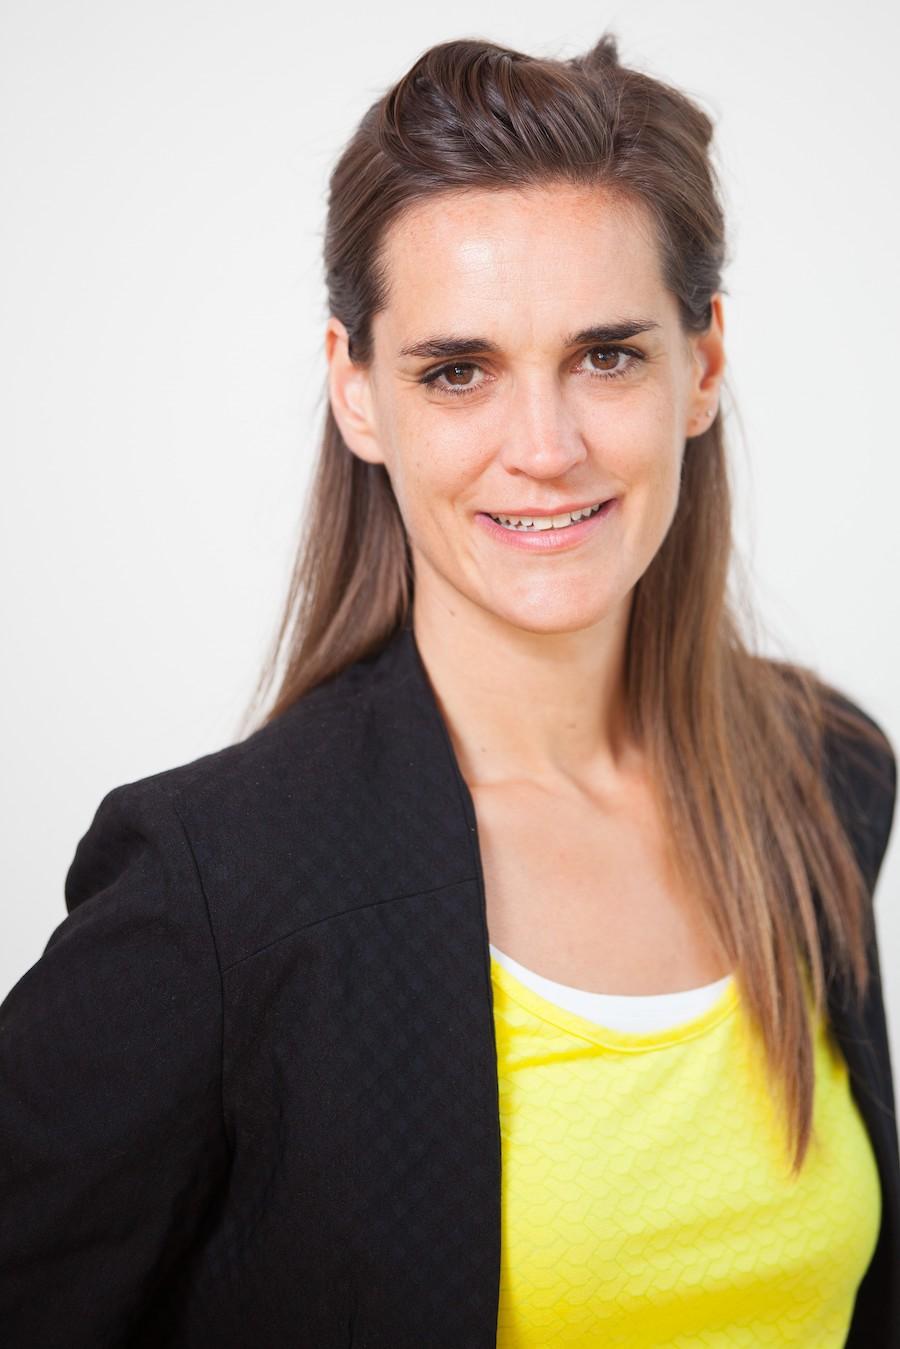 Iris Kroon